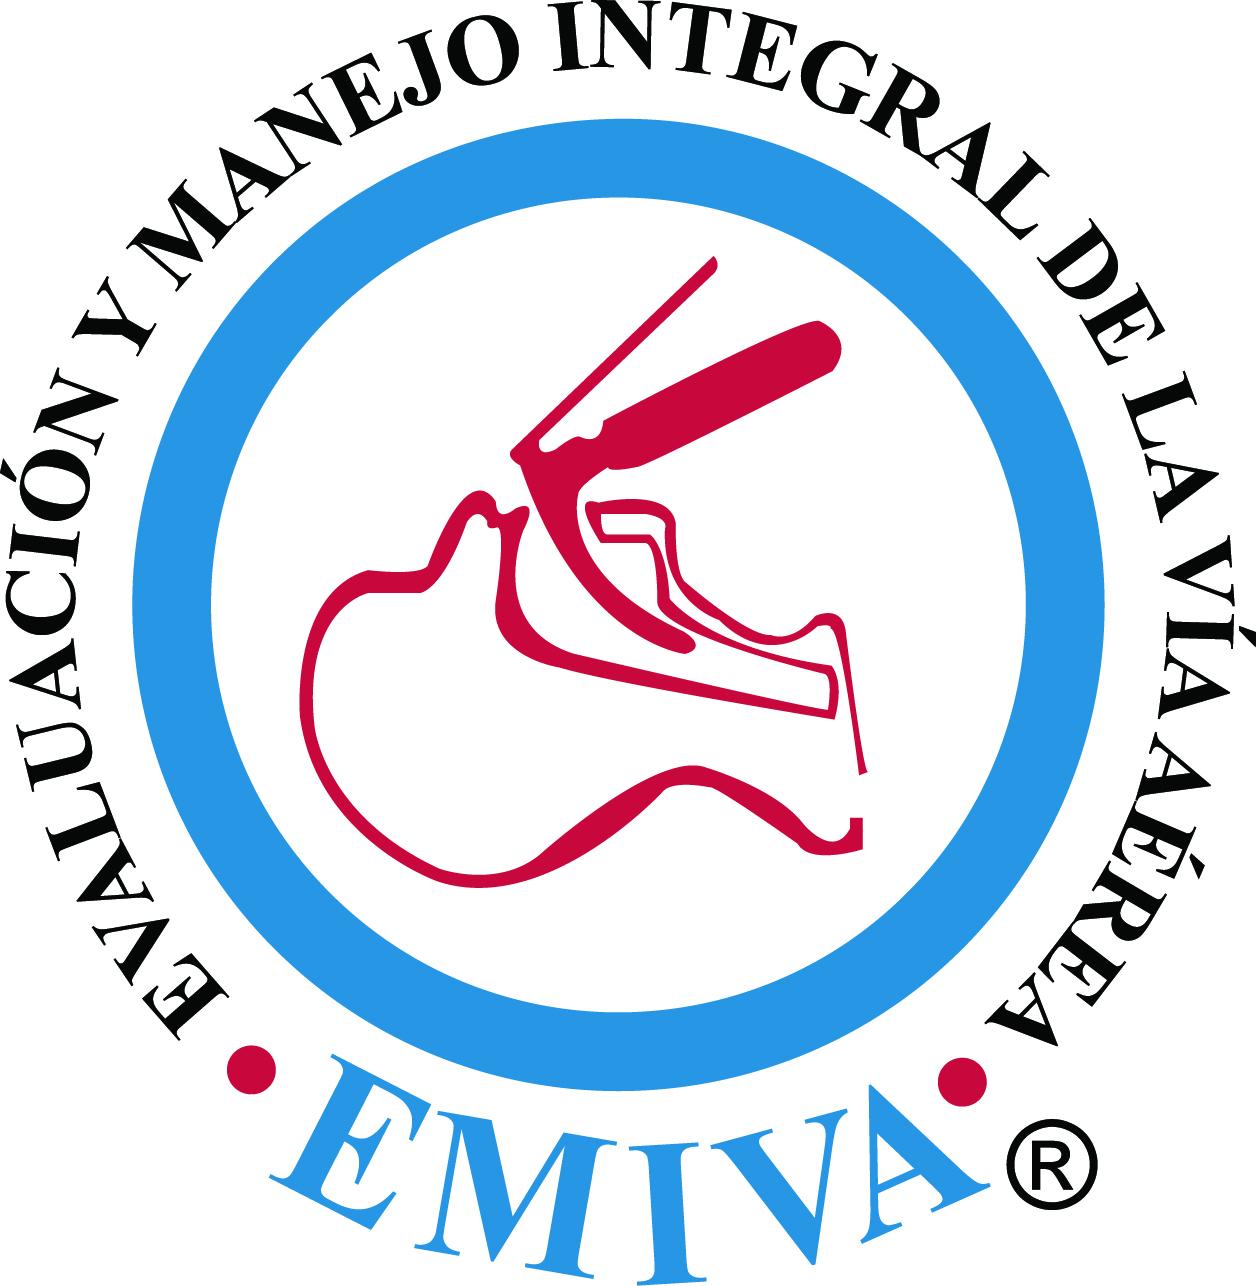 LOGO-EMIVA-Registrado.jpg#asset:308